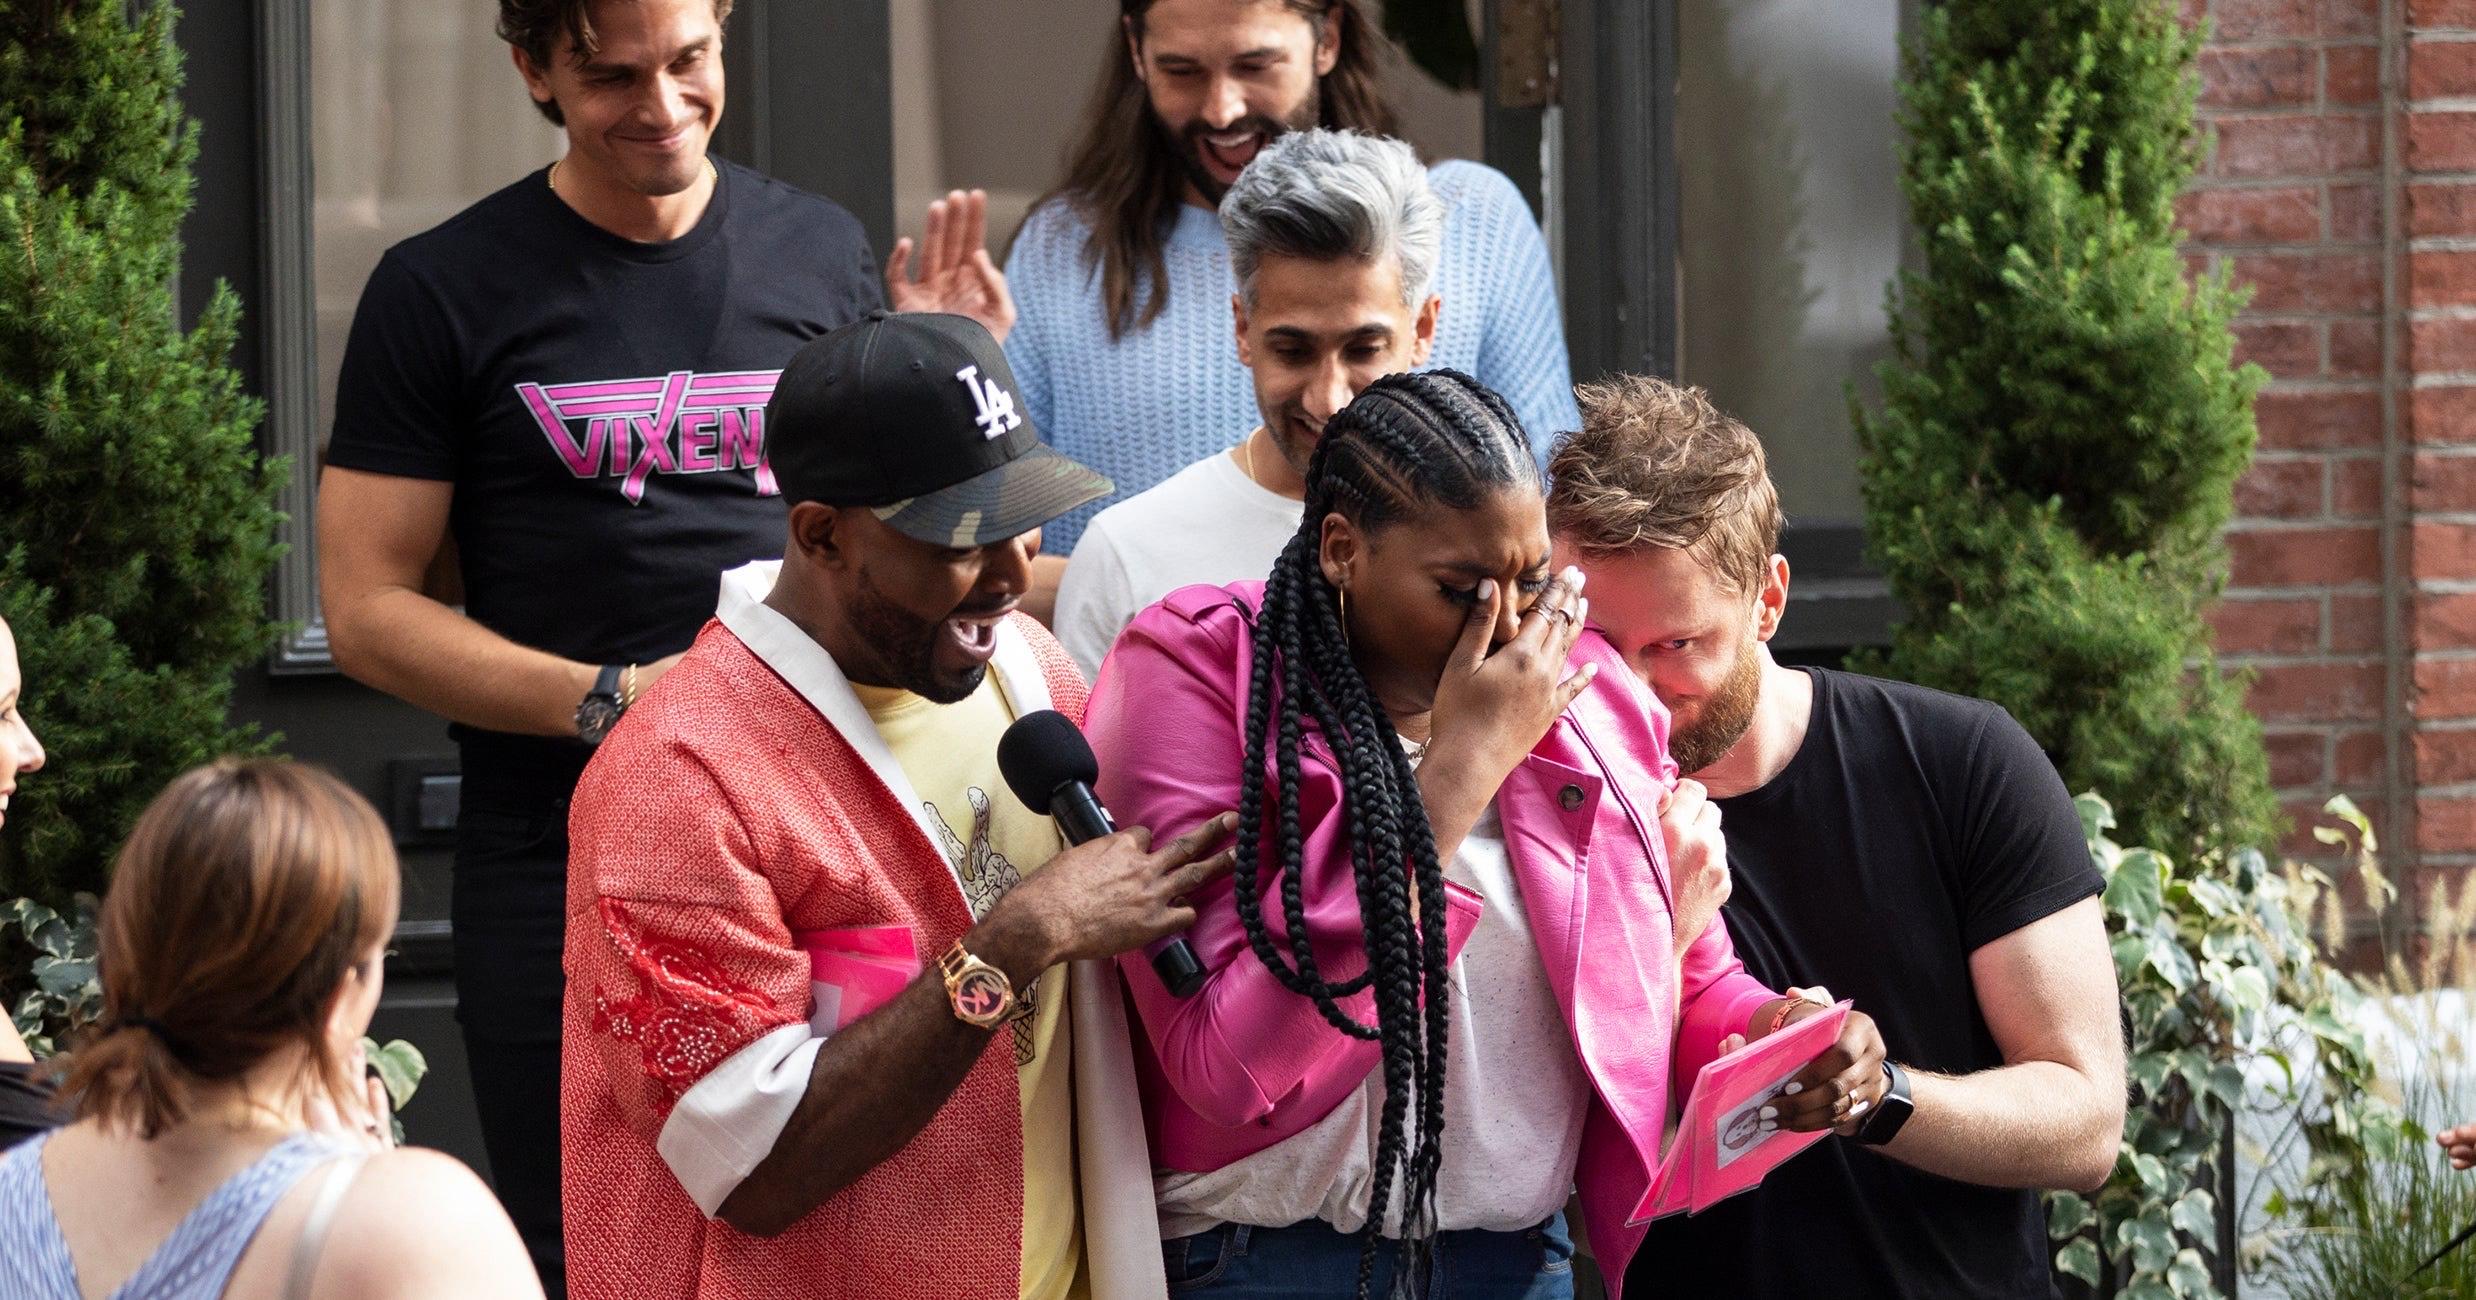 Cena da série Queer Eye. Na imagem estão Antoni, Tan e Jonathan mais atrás, e Karamo, Rihanna e Bobby mais a frente com os braços passados um em volta do outro. Ao fundo há portas de vidro, vasos de flor e uma parede de tijolos. Antoni é um homem branco de cabelos castanhos, usa uma camiseta preta com estampa rosa no peito e olha para Rihanna com uma expressão emocionada. À sua direita está Jonathan, uma pessoa não-binária branca de cabelos castanhos compridos e barba, usa uma blusa azul bebê e está com as mãos para o alto numa expressão de comemoração. Um pouco abaixo e ao centro está Tan, um homem asiático de cabelos cinzas em um topete, ele usa um suéter branco e está sorrindo enquanto olha ligeiramente para baixo. À esquerda de Tan e mais abaixo está Karamo, um homem negro de barba curta e boné preto na cabeça, ele veste uma camiseta amarelo bebe, um kimono salmon com gola e punho brancos, segura um microfone preto com a sua mão direita e está olhando para Rihanna e sorrindo. À direita dele está Rihanna, uma mulher negra com o cabelo preto trançado, ela usa uma blusa branca, jaqueta rosa pink e calça jeans, está segurando um cartão rosa e enxuga as lágrimas enquanto o lê. À direita dela está Bobby, um homem branco de cabelos loiros em topete e barba curta, ele usa uma camiseta preta e está com o rosto encostado no ombro de Rihanna enquanto segura seu braço.